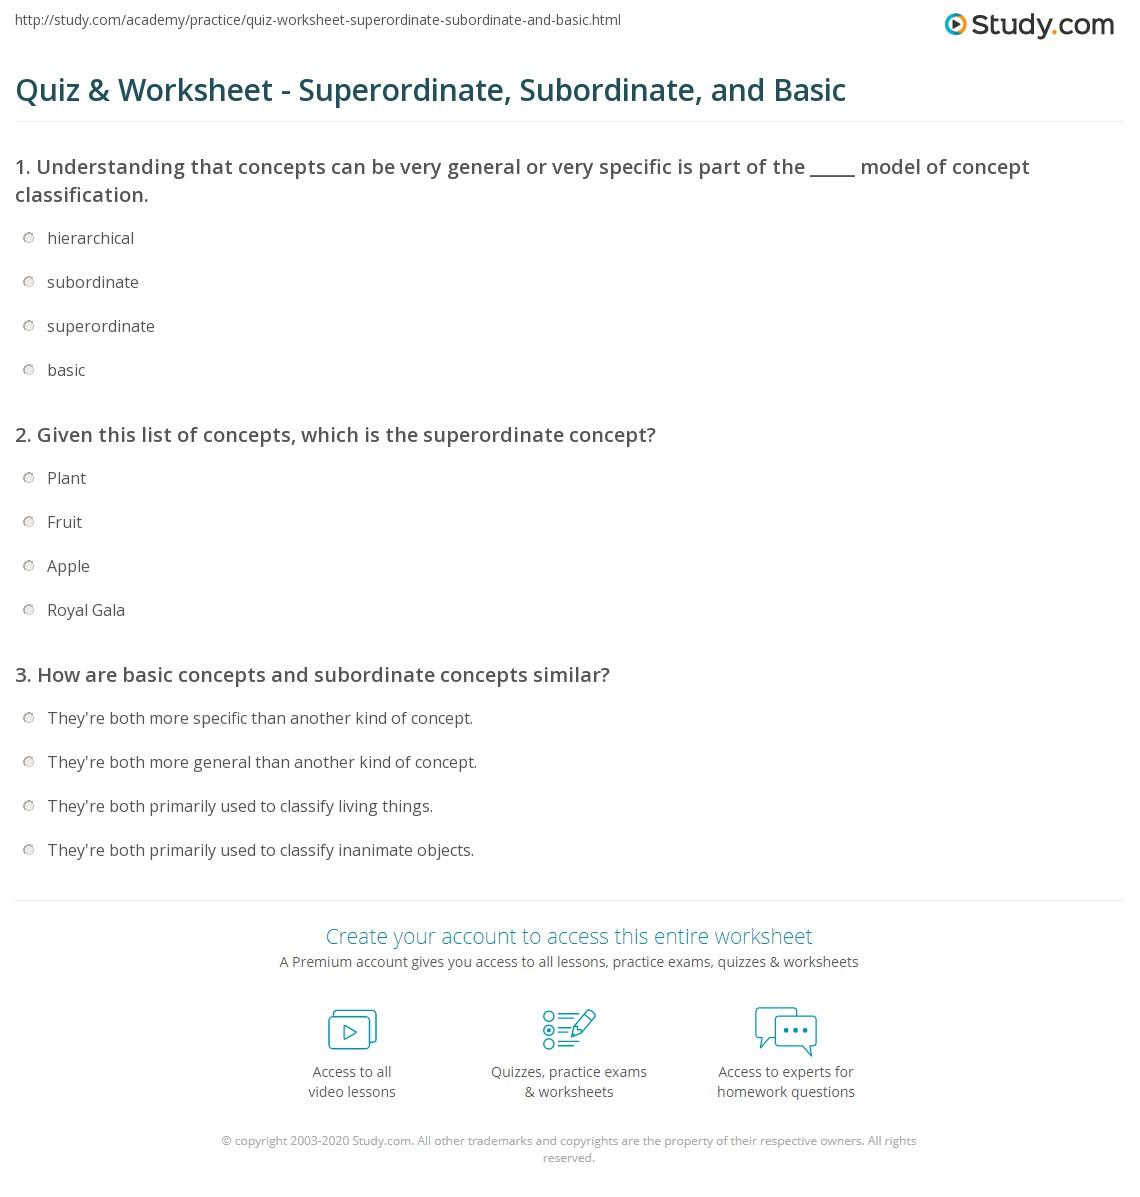 superordinate examples